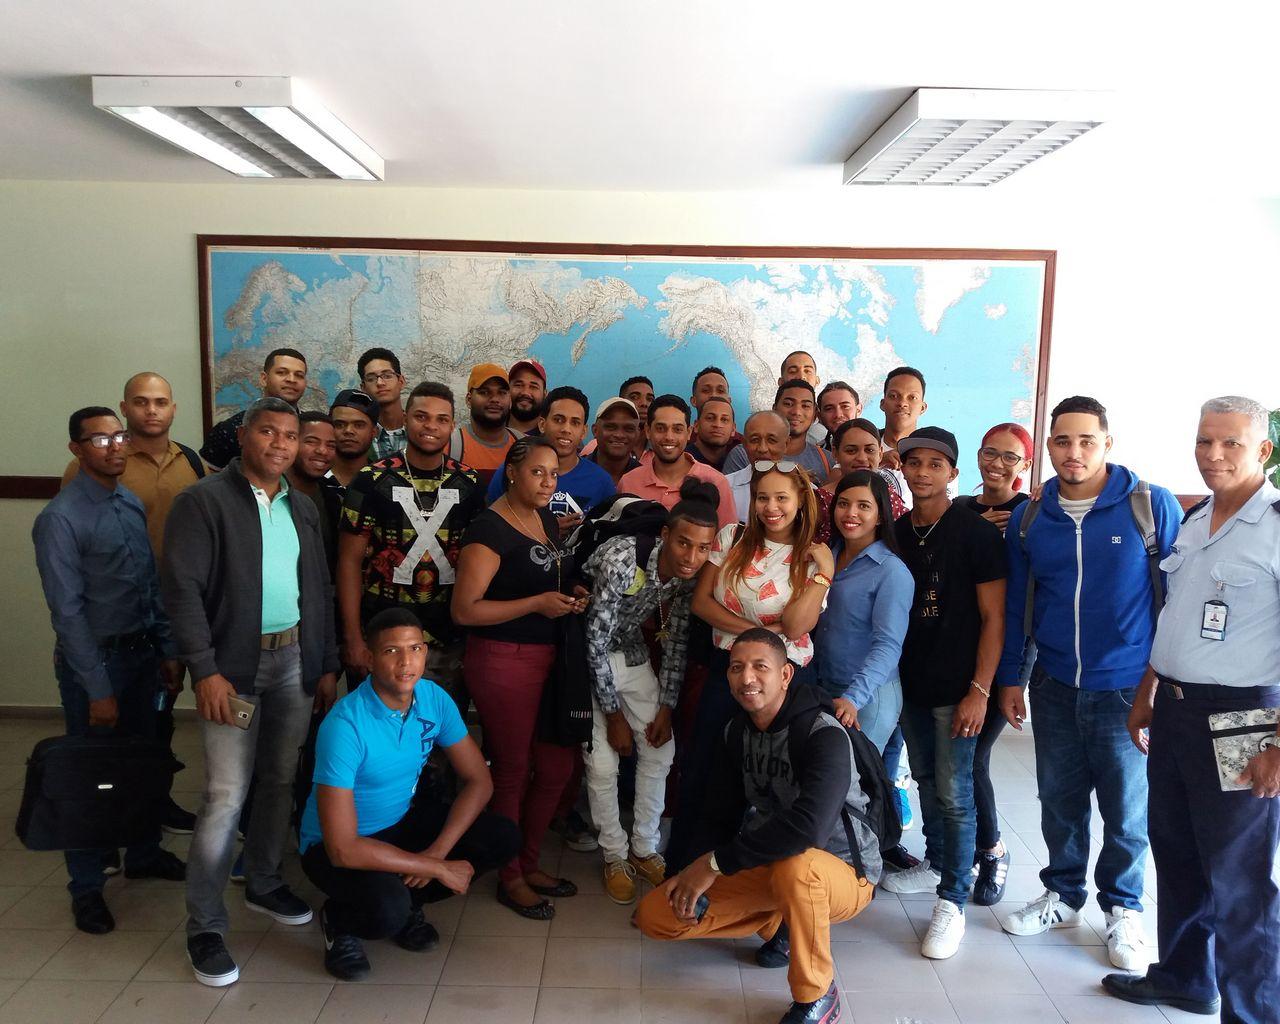 Visita de los Estudiantes de Agrimensura del recinto de la Universidad Autónoma de Santo Domingo en San Francisco de Macoris y Nagua